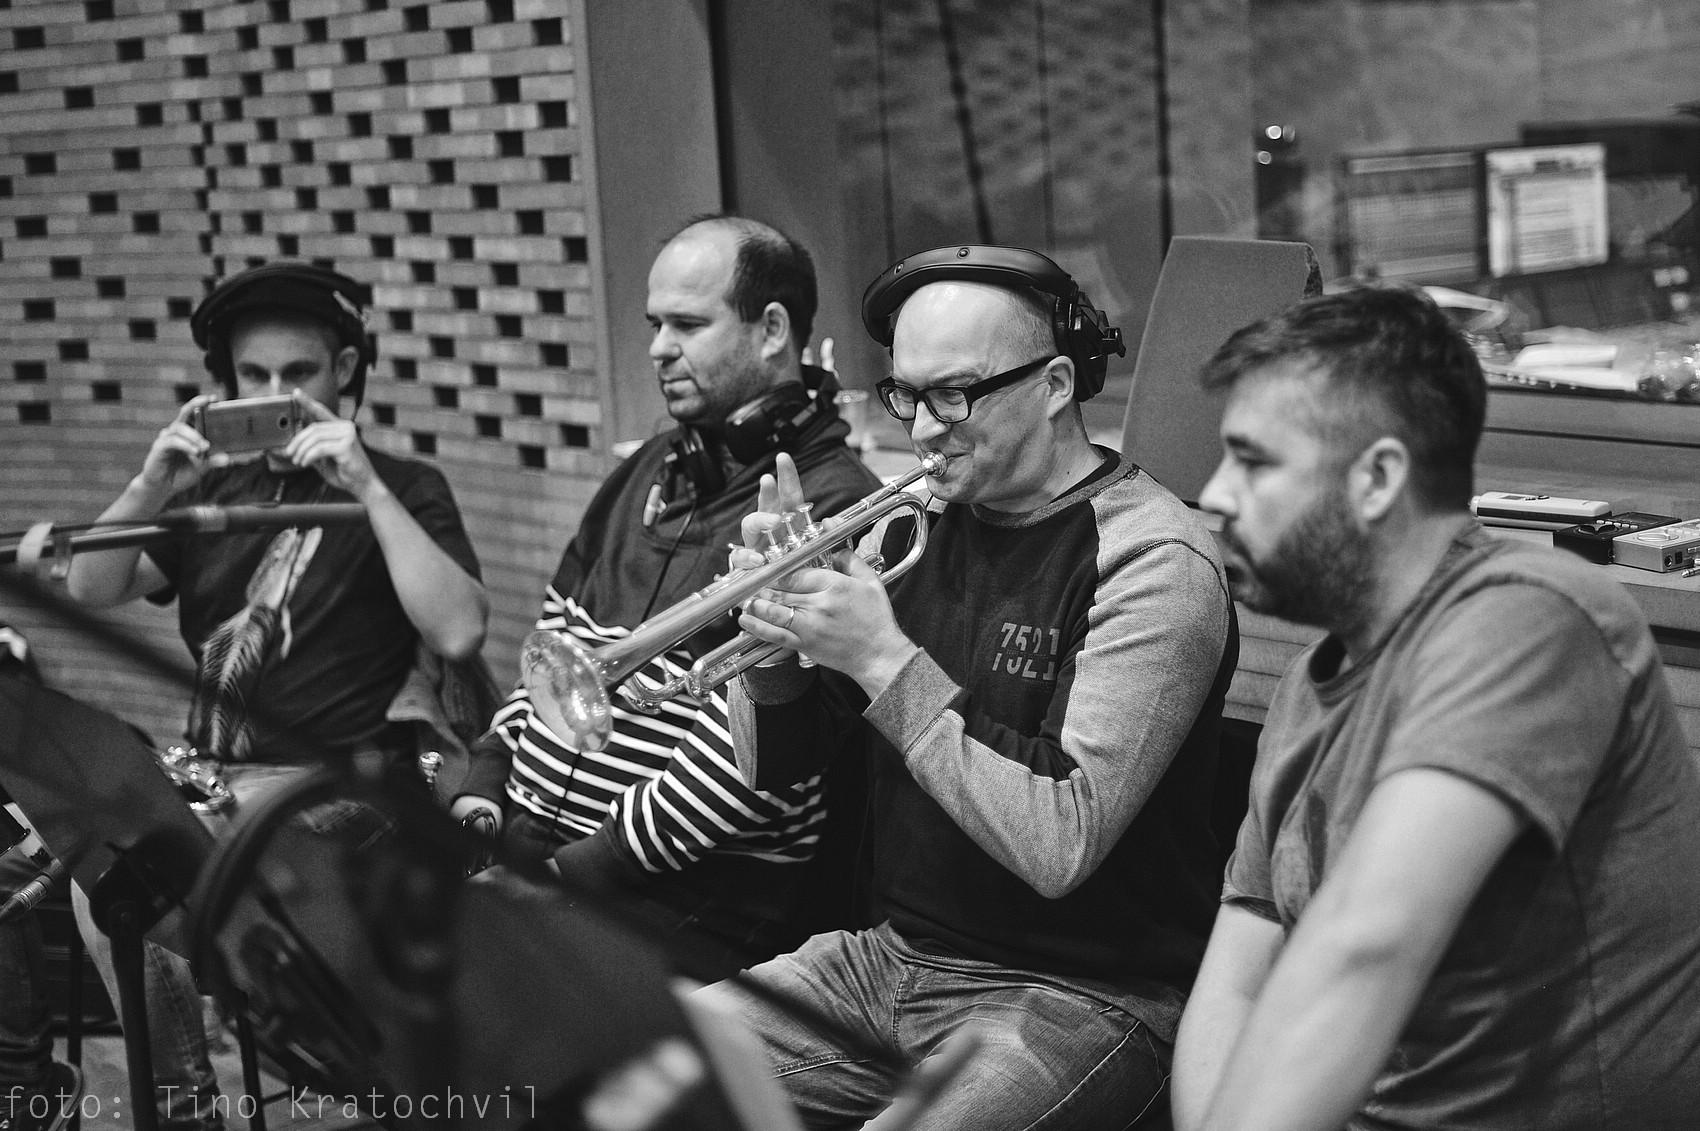 RECENZE: 10 LET – brněnský orchestr vydává výroční CD s Vojtěchem Dykem, Matějem Ruppertem, Kurtem Ellingem a dalšími